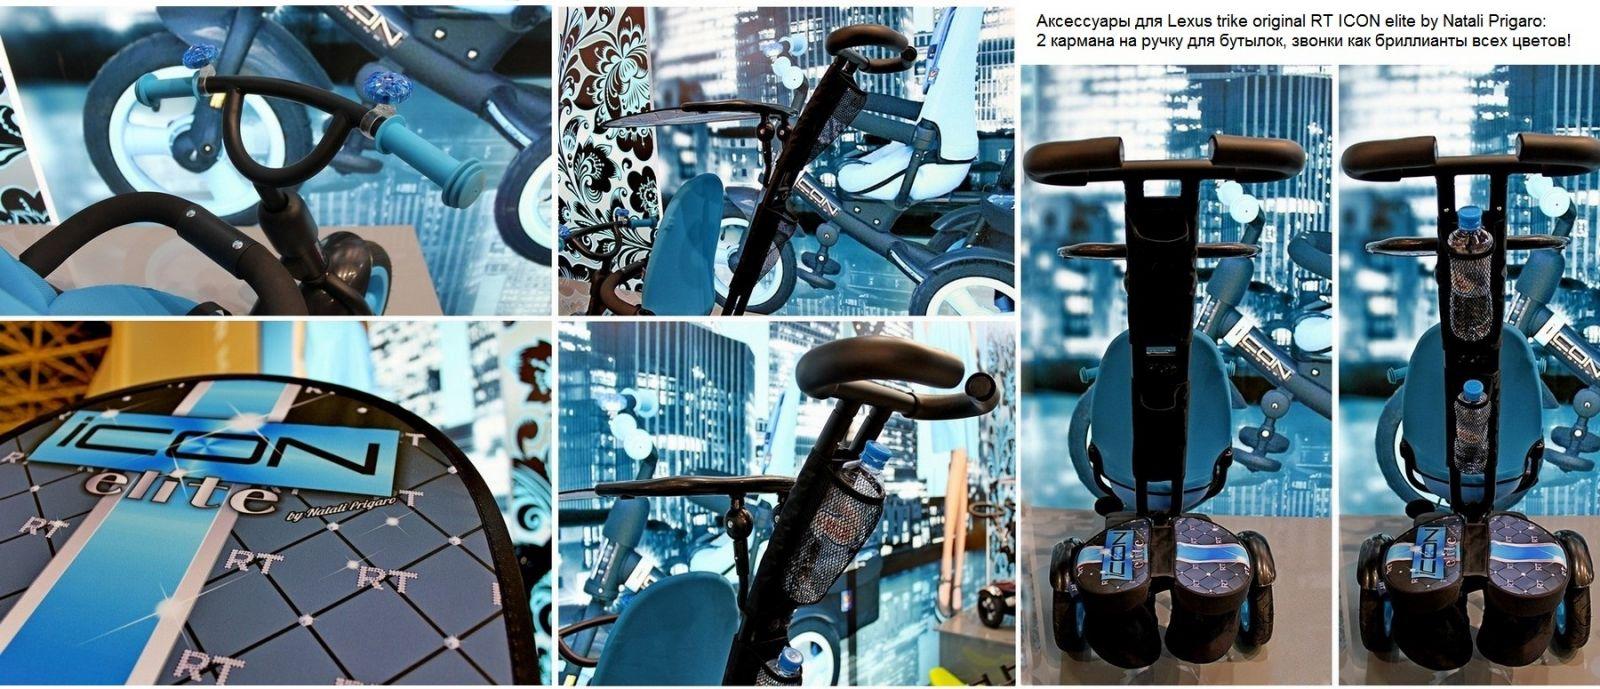 Оригинальный трёхколёсный велосипед Lexus trike original RT ICON elite by Natali Prigaro Blue Topaz 2015